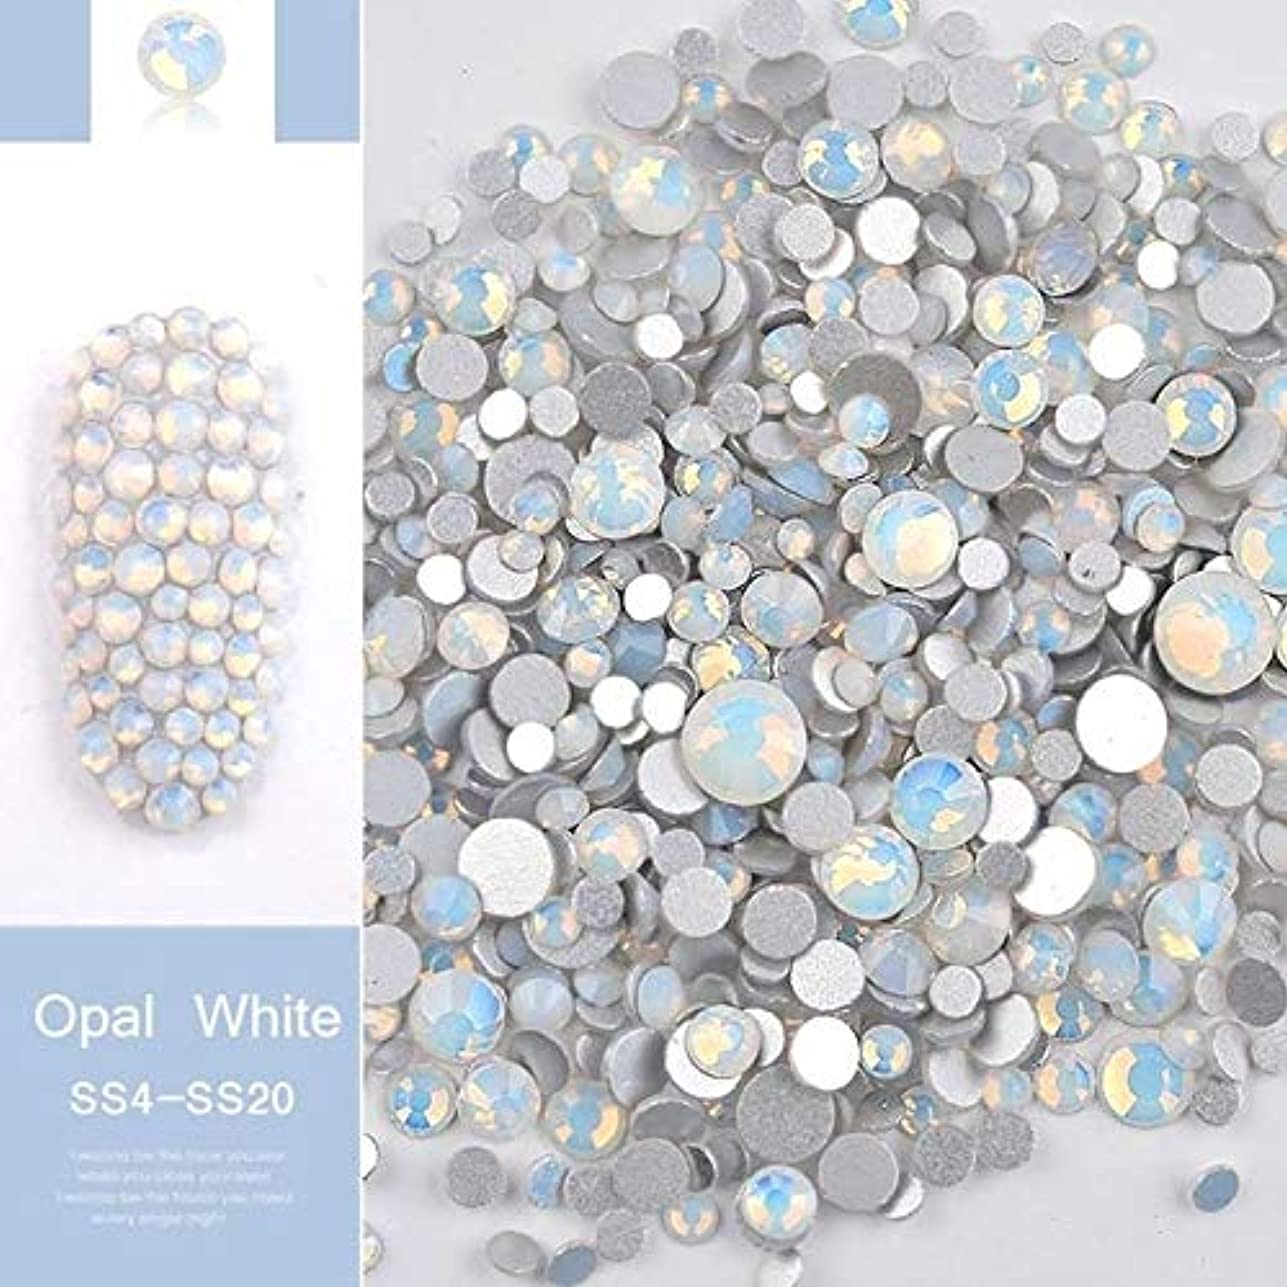 麻痺落ち着いた教義手足ビューティーケア 1パックミックスサイズ(SS4-SS20)クリスタルカラフルなオパールネイルアートラインストーンの装飾キラキラの宝石3Dマニキュアアクセサリーツール(ホワイト) (色 : 白)